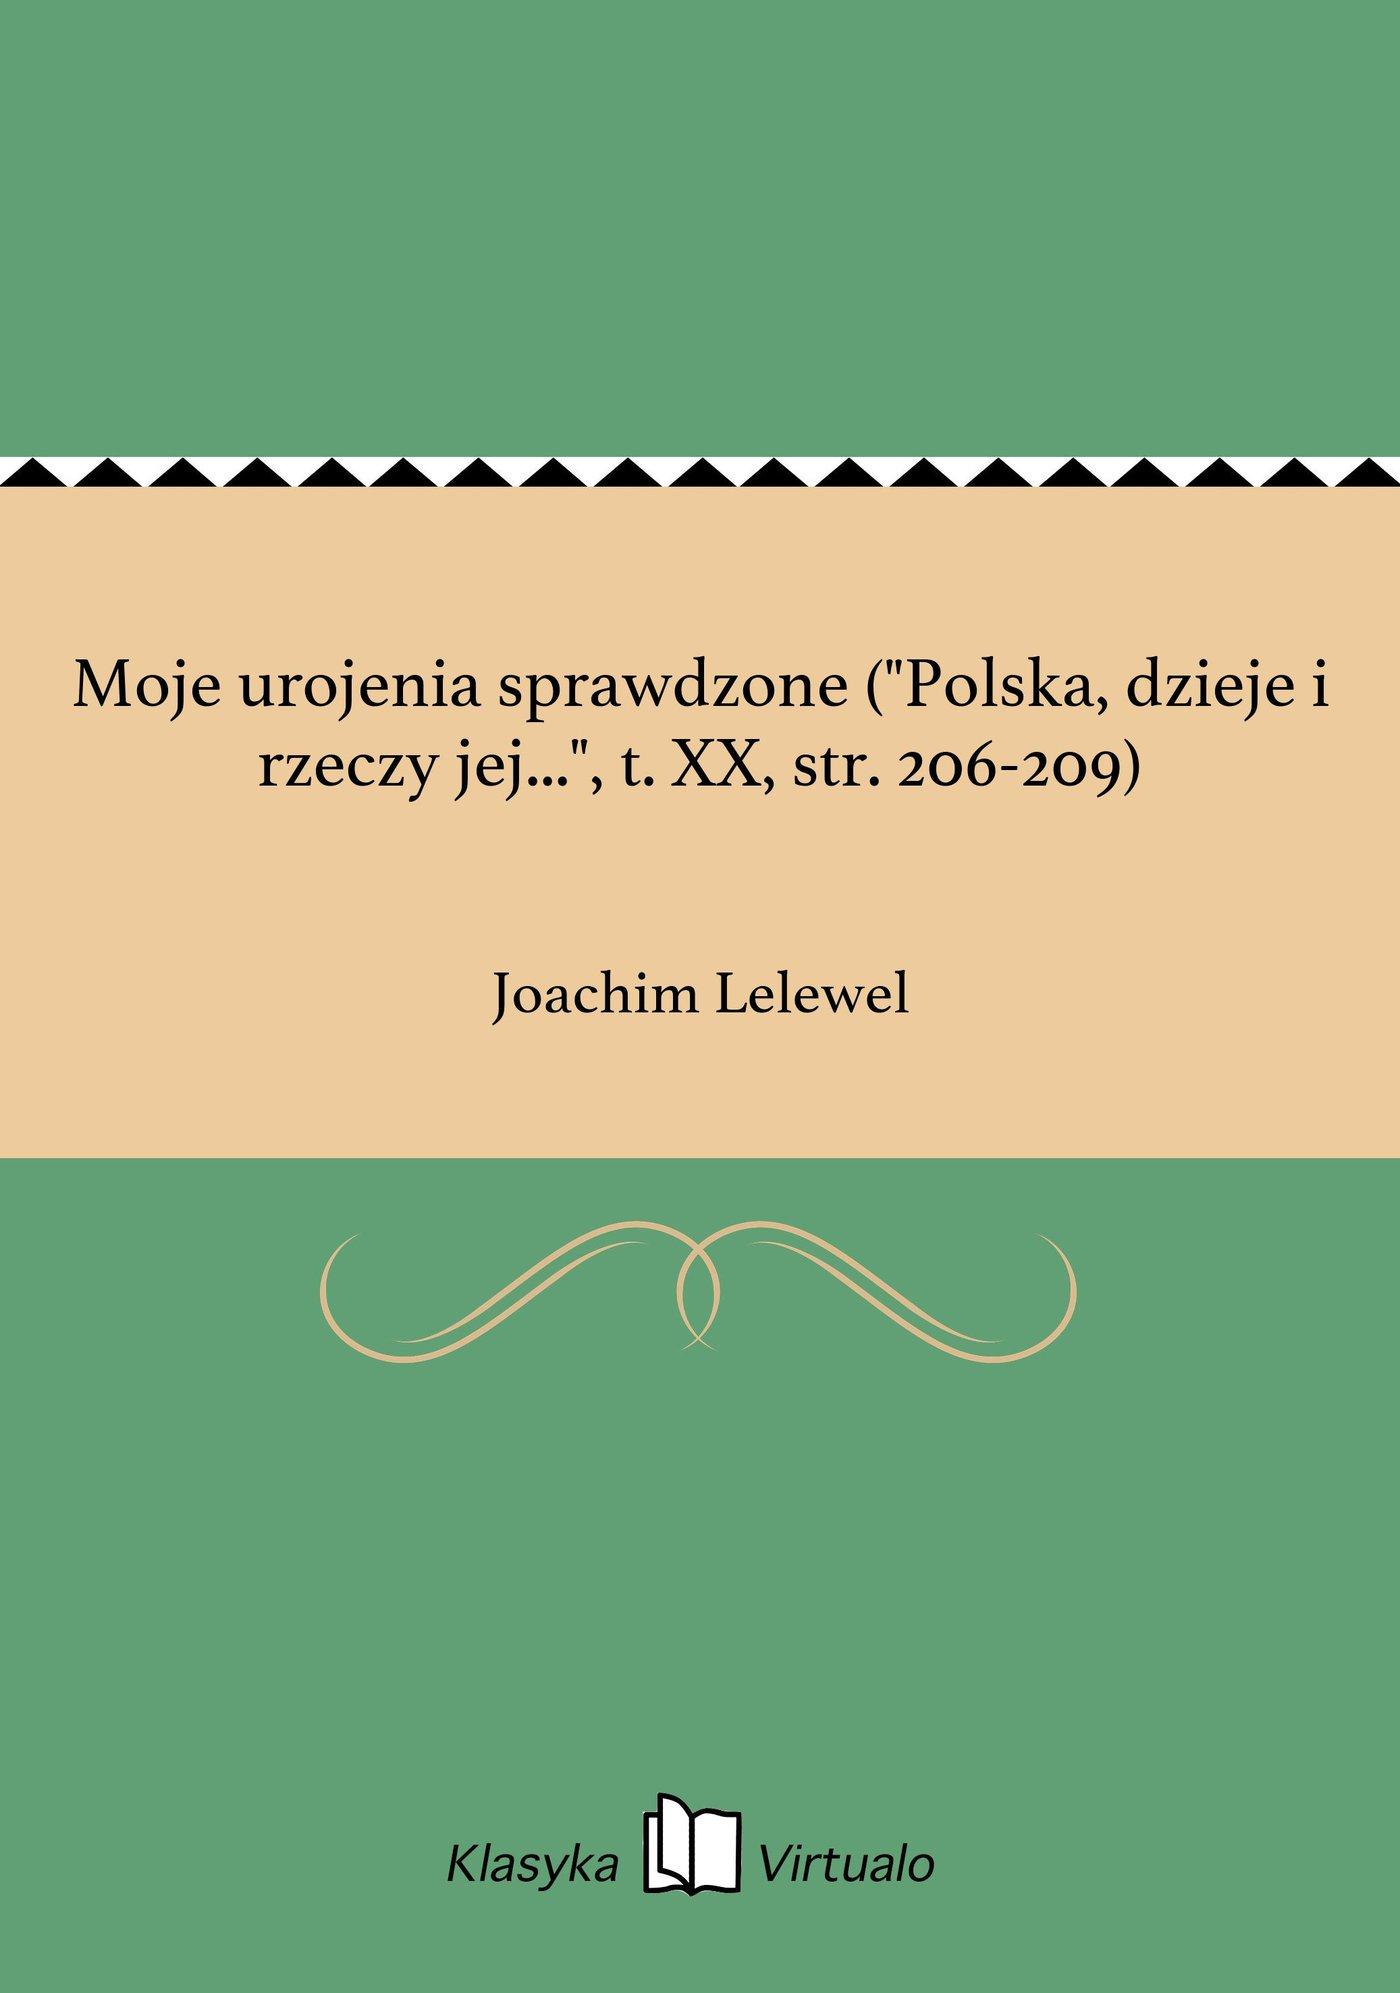 """Moje urojenia sprawdzone (""""Polska, dzieje i rzeczy jej..."""", t. XX, str. 206-209) - Ebook (Książka EPUB) do pobrania w formacie EPUB"""